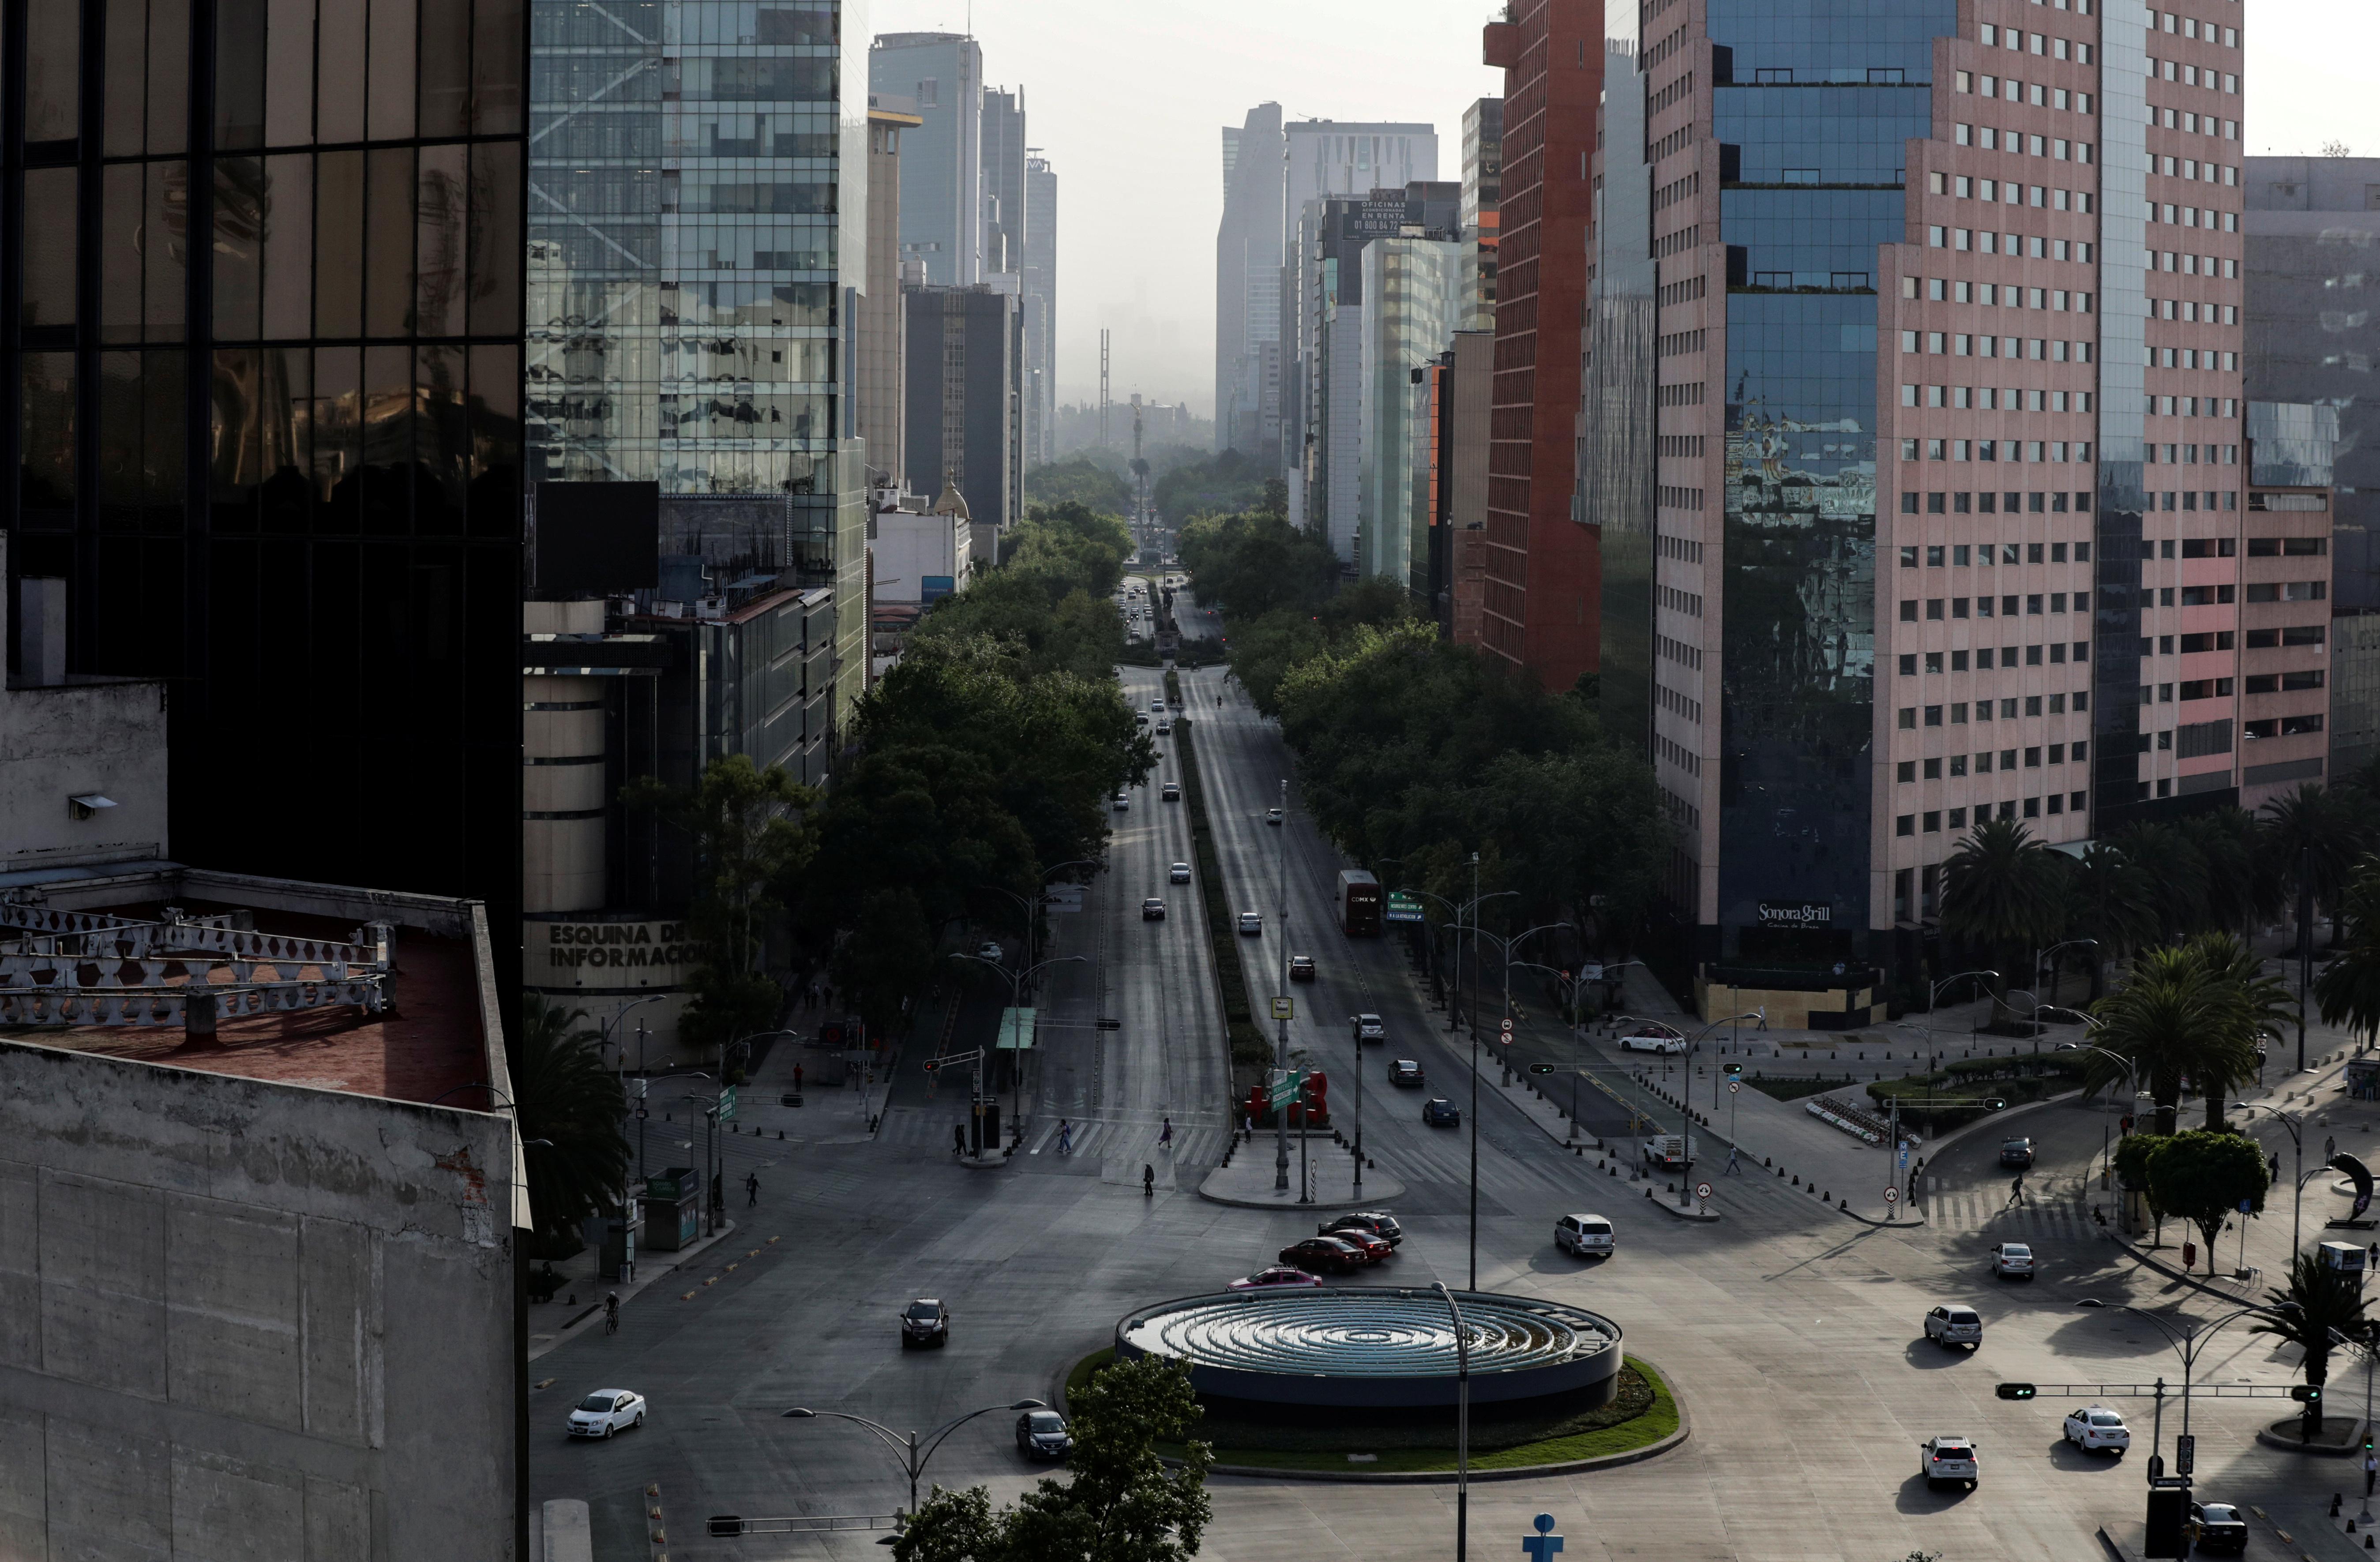 Una vista general muestra la Avenida Reforma parcialmente vacía, en la Ciudad de México, México, 31 de marzo de 2020.